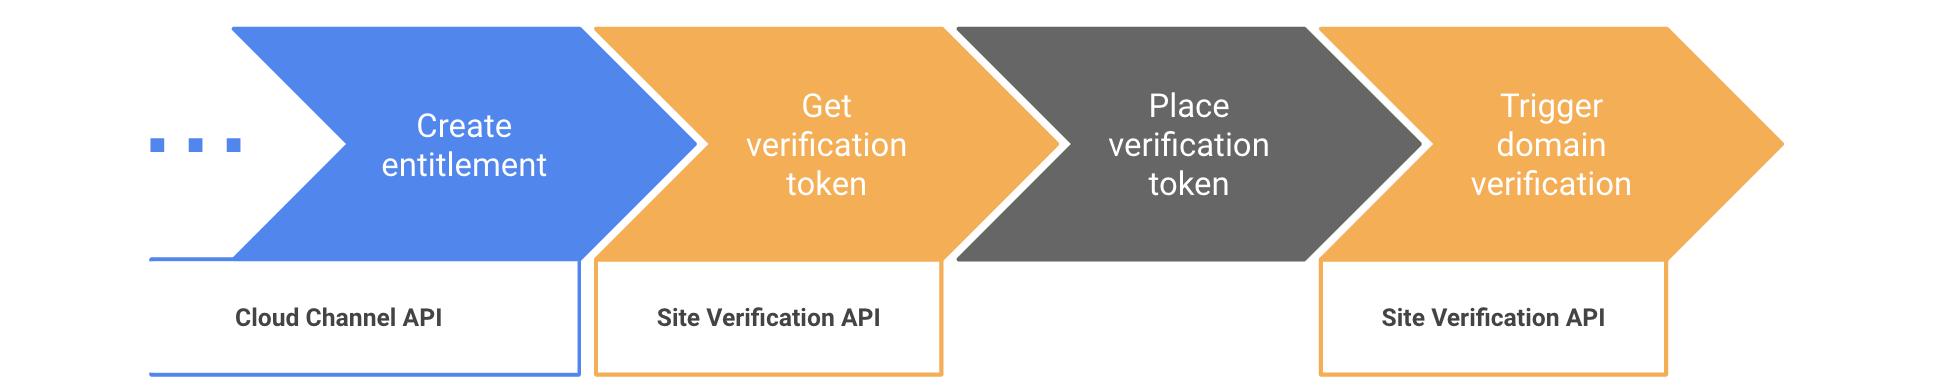 Pasos para automatizar la verificación del dominio